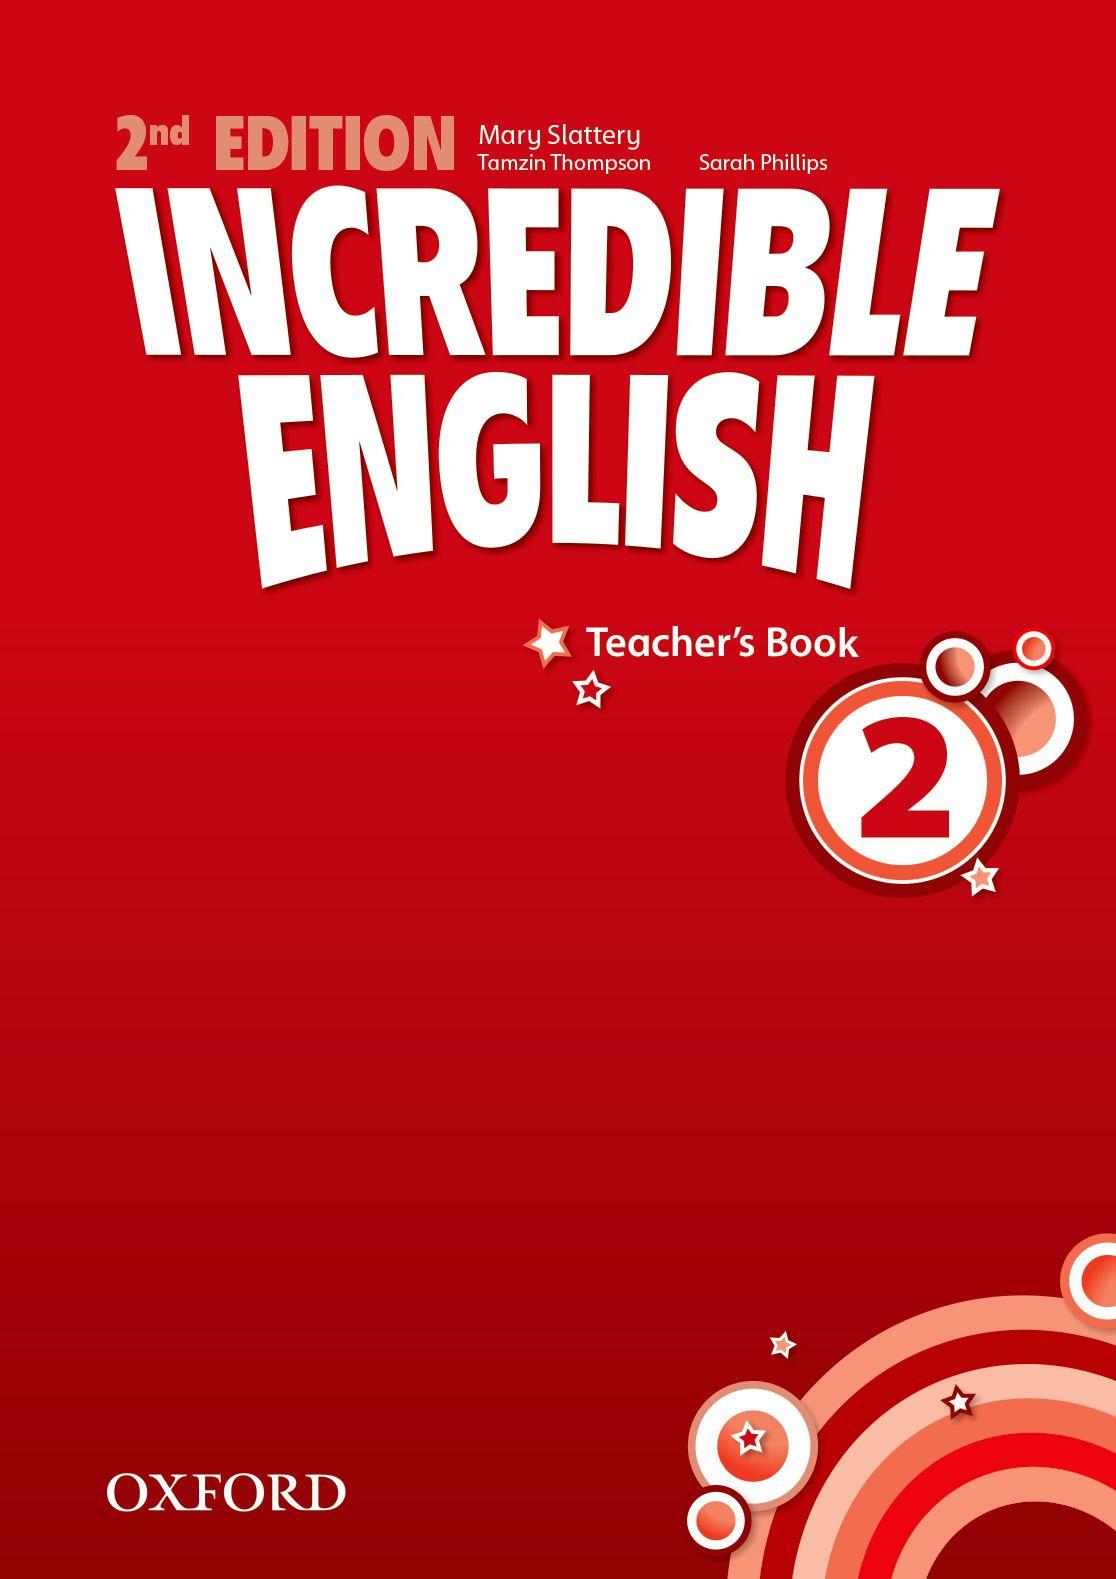 INCREDIBLE ENGLISHLISH 2E 4 TB incredible englishlish 2e 6 ab